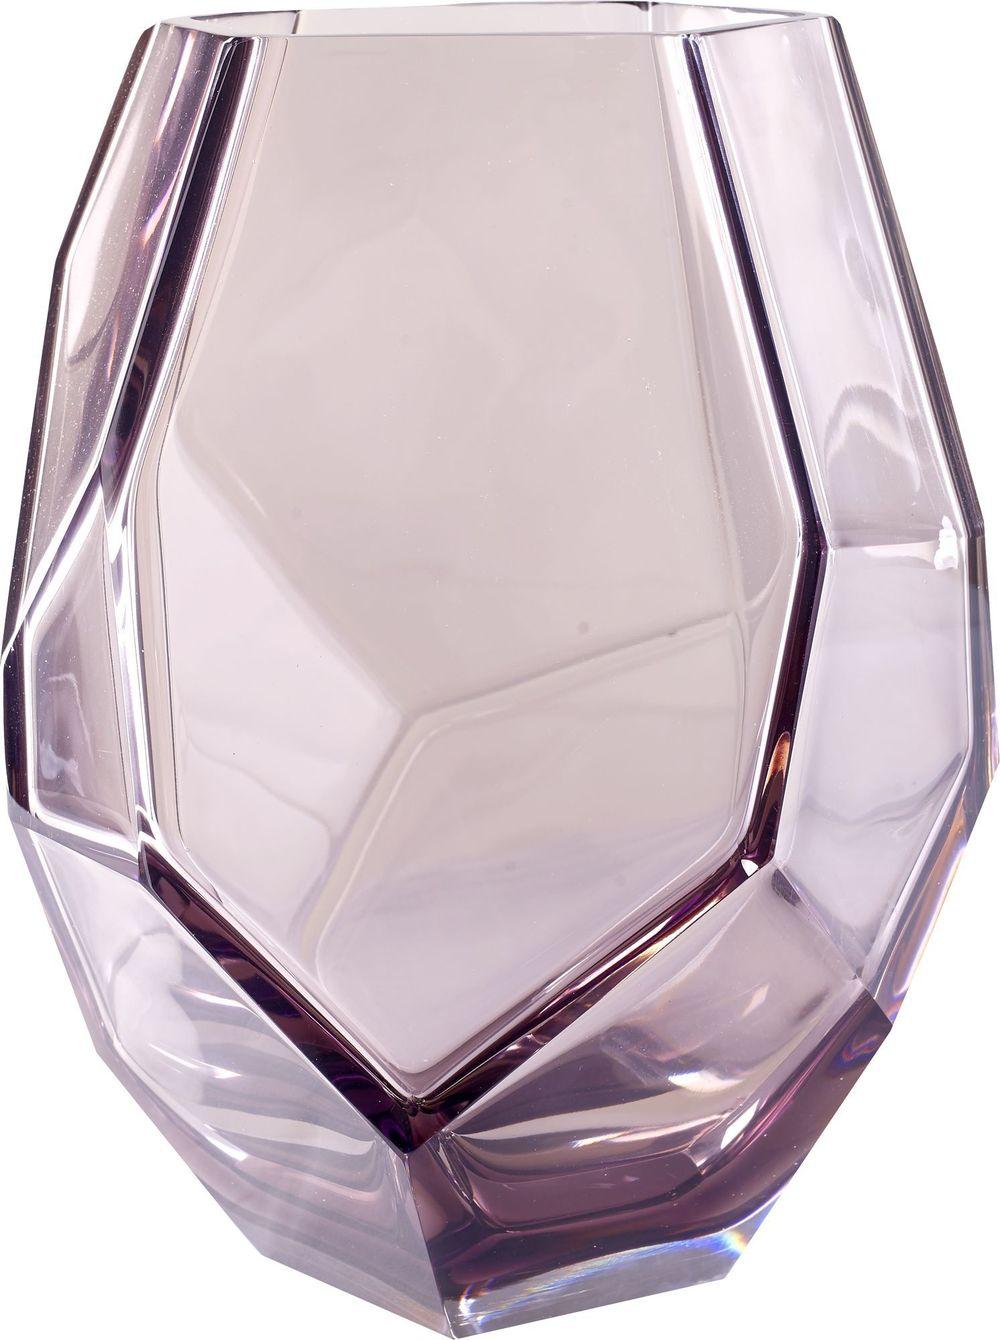 Baker Furniture - Gemstone Vase